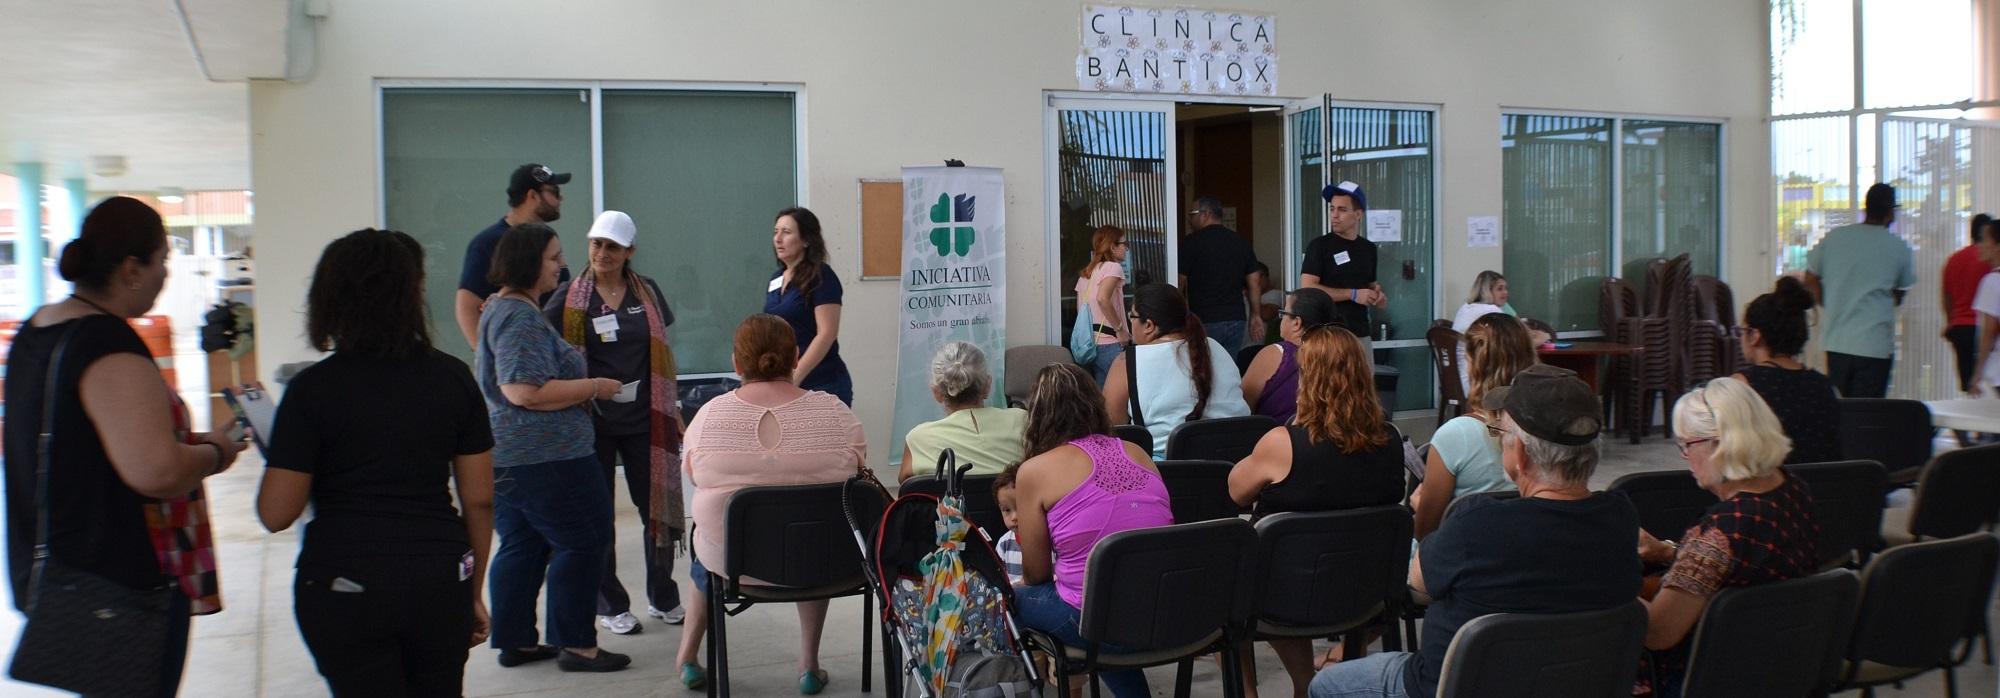 Iniciativa Comunitaria y municipio de Toa Baja crean clínica de salud